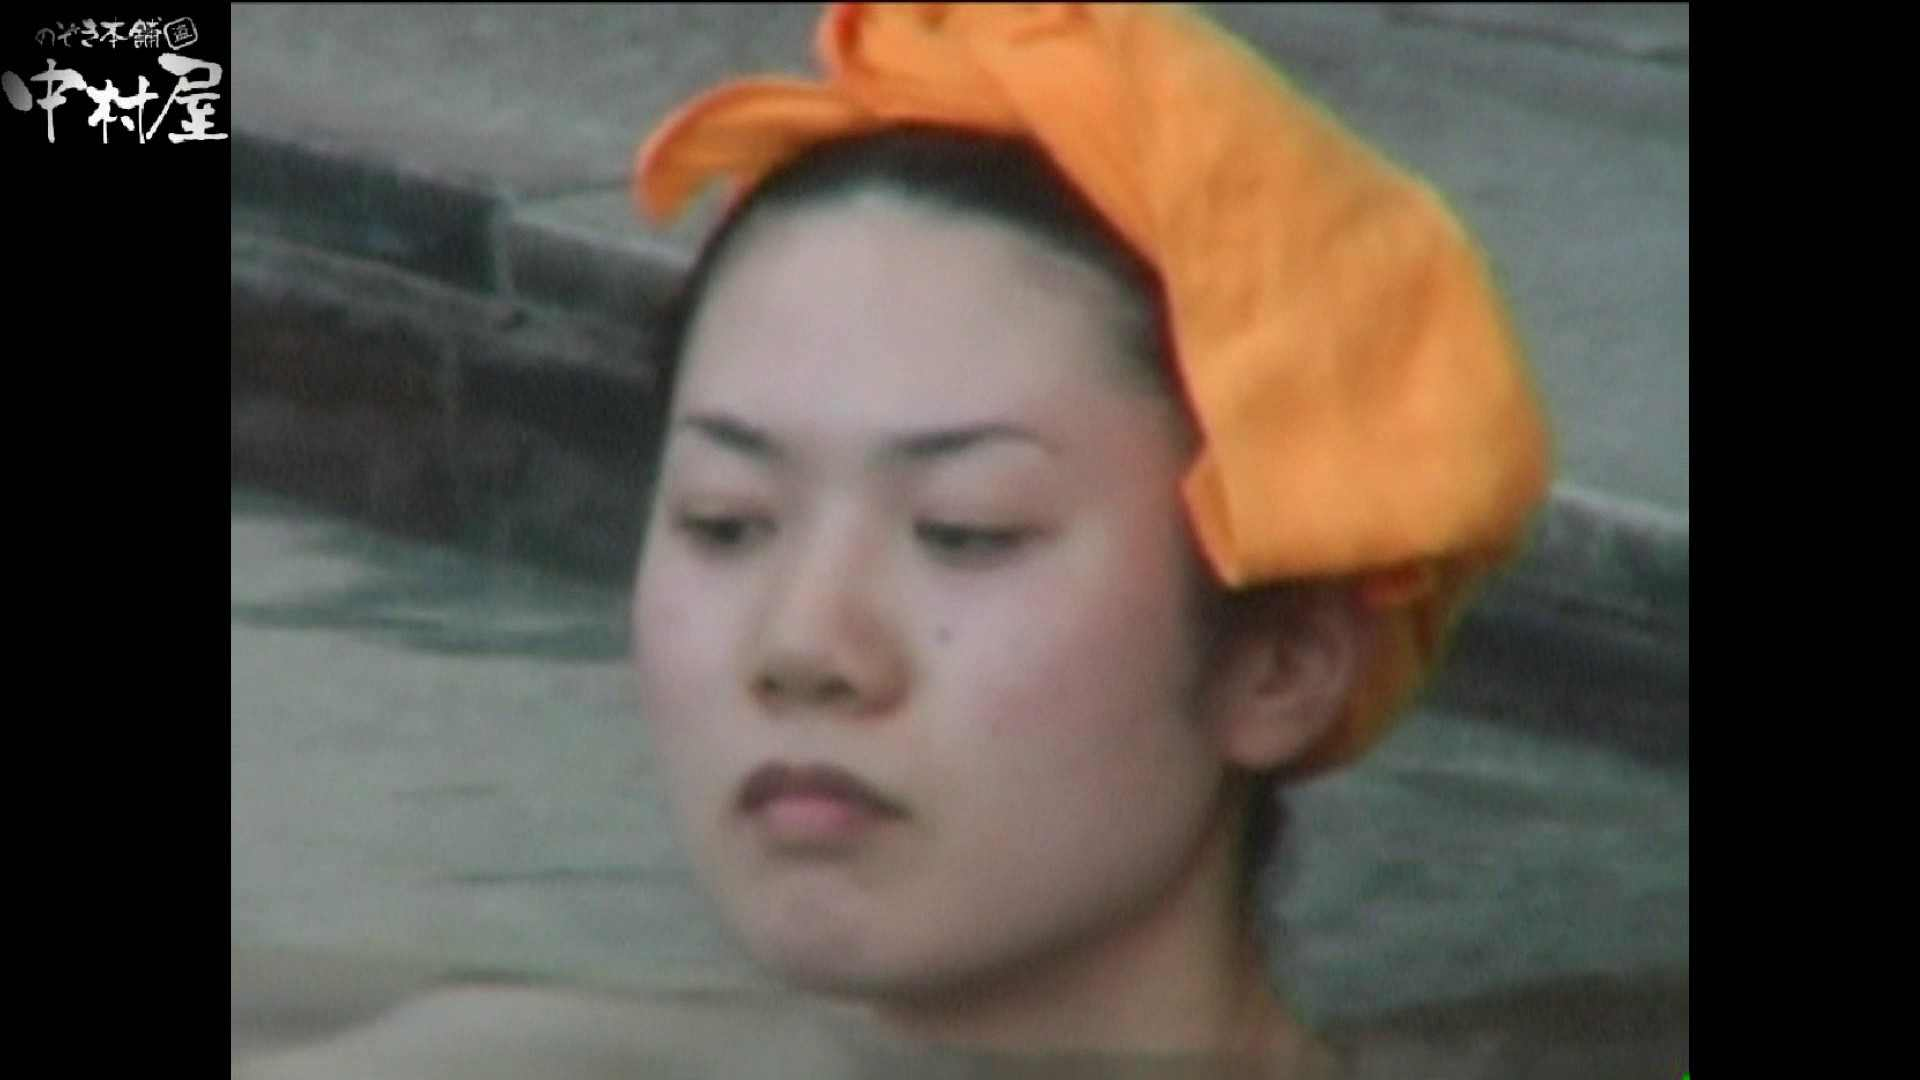 Aquaな露天風呂Vol.978 OLハメ撮り  57Pix 11